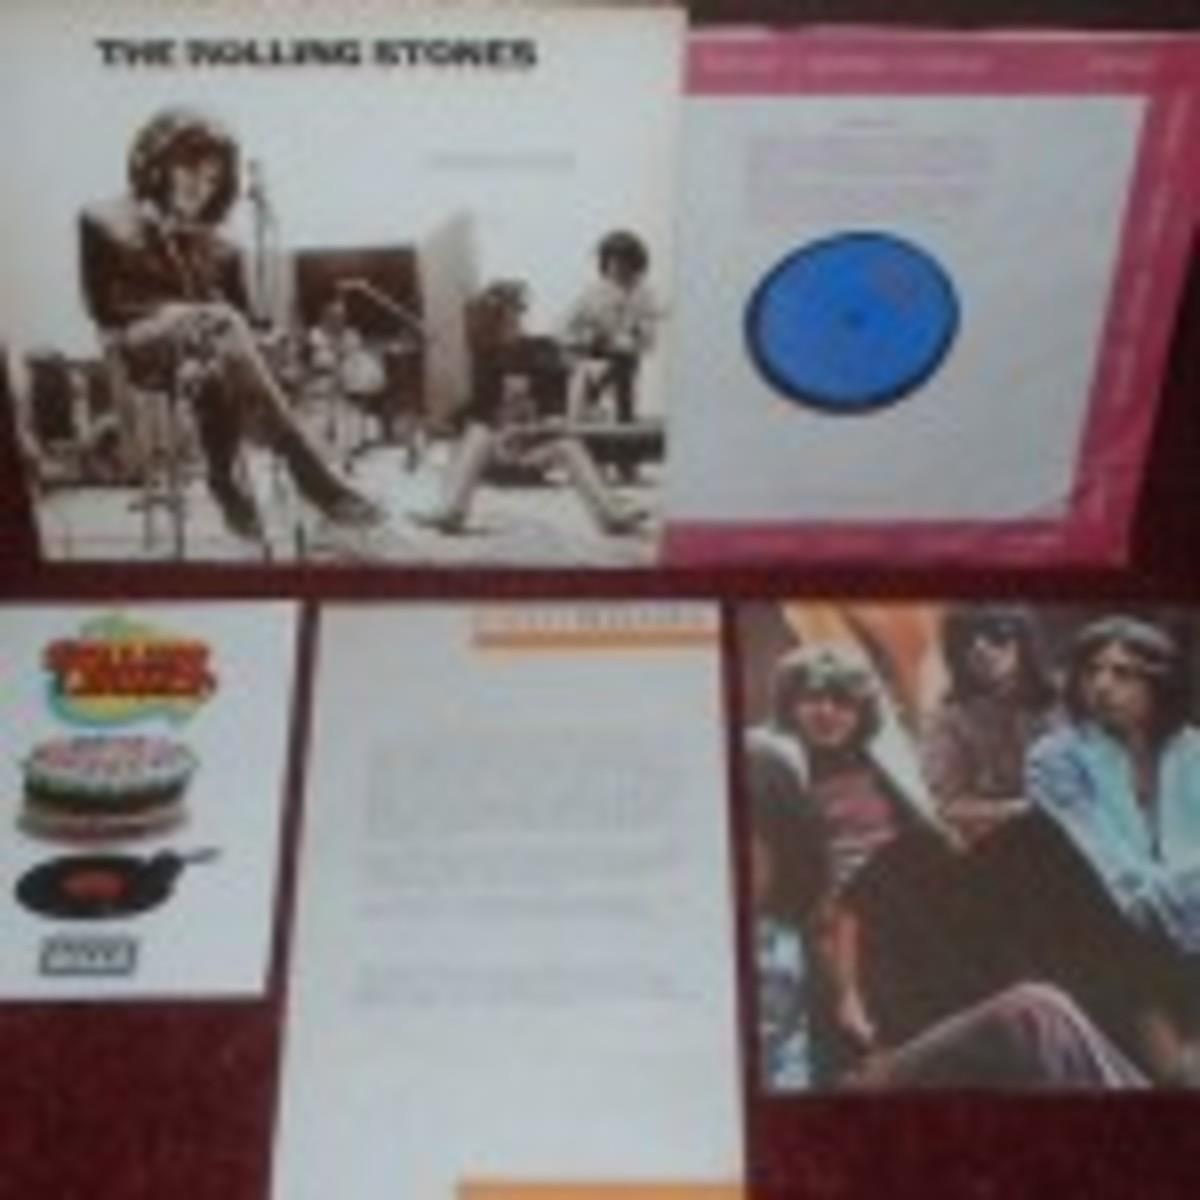 Rolling Stones promo album